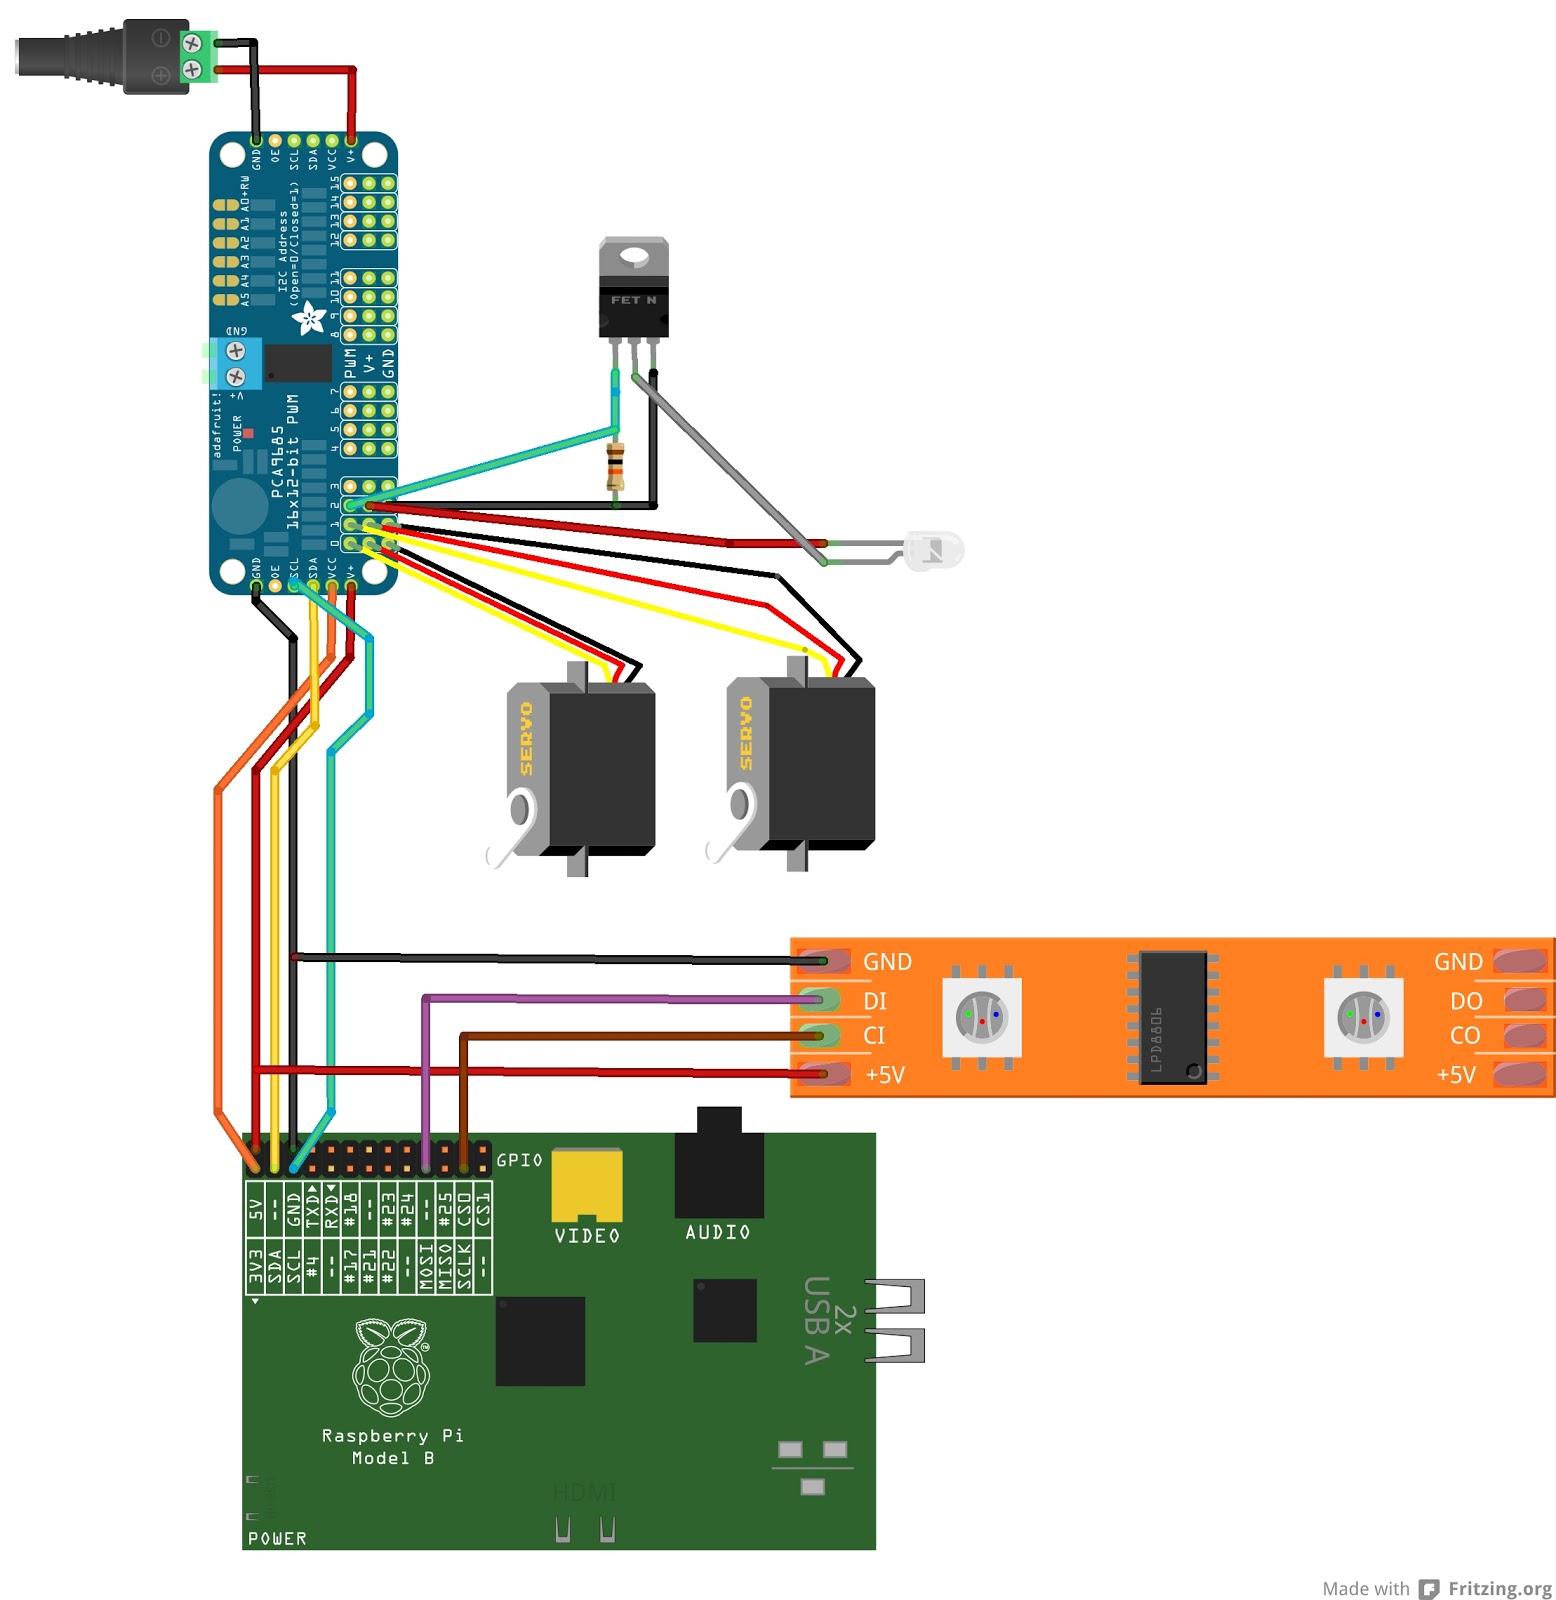 wiring diagram  [ 1556 x 1600 Pixel ]